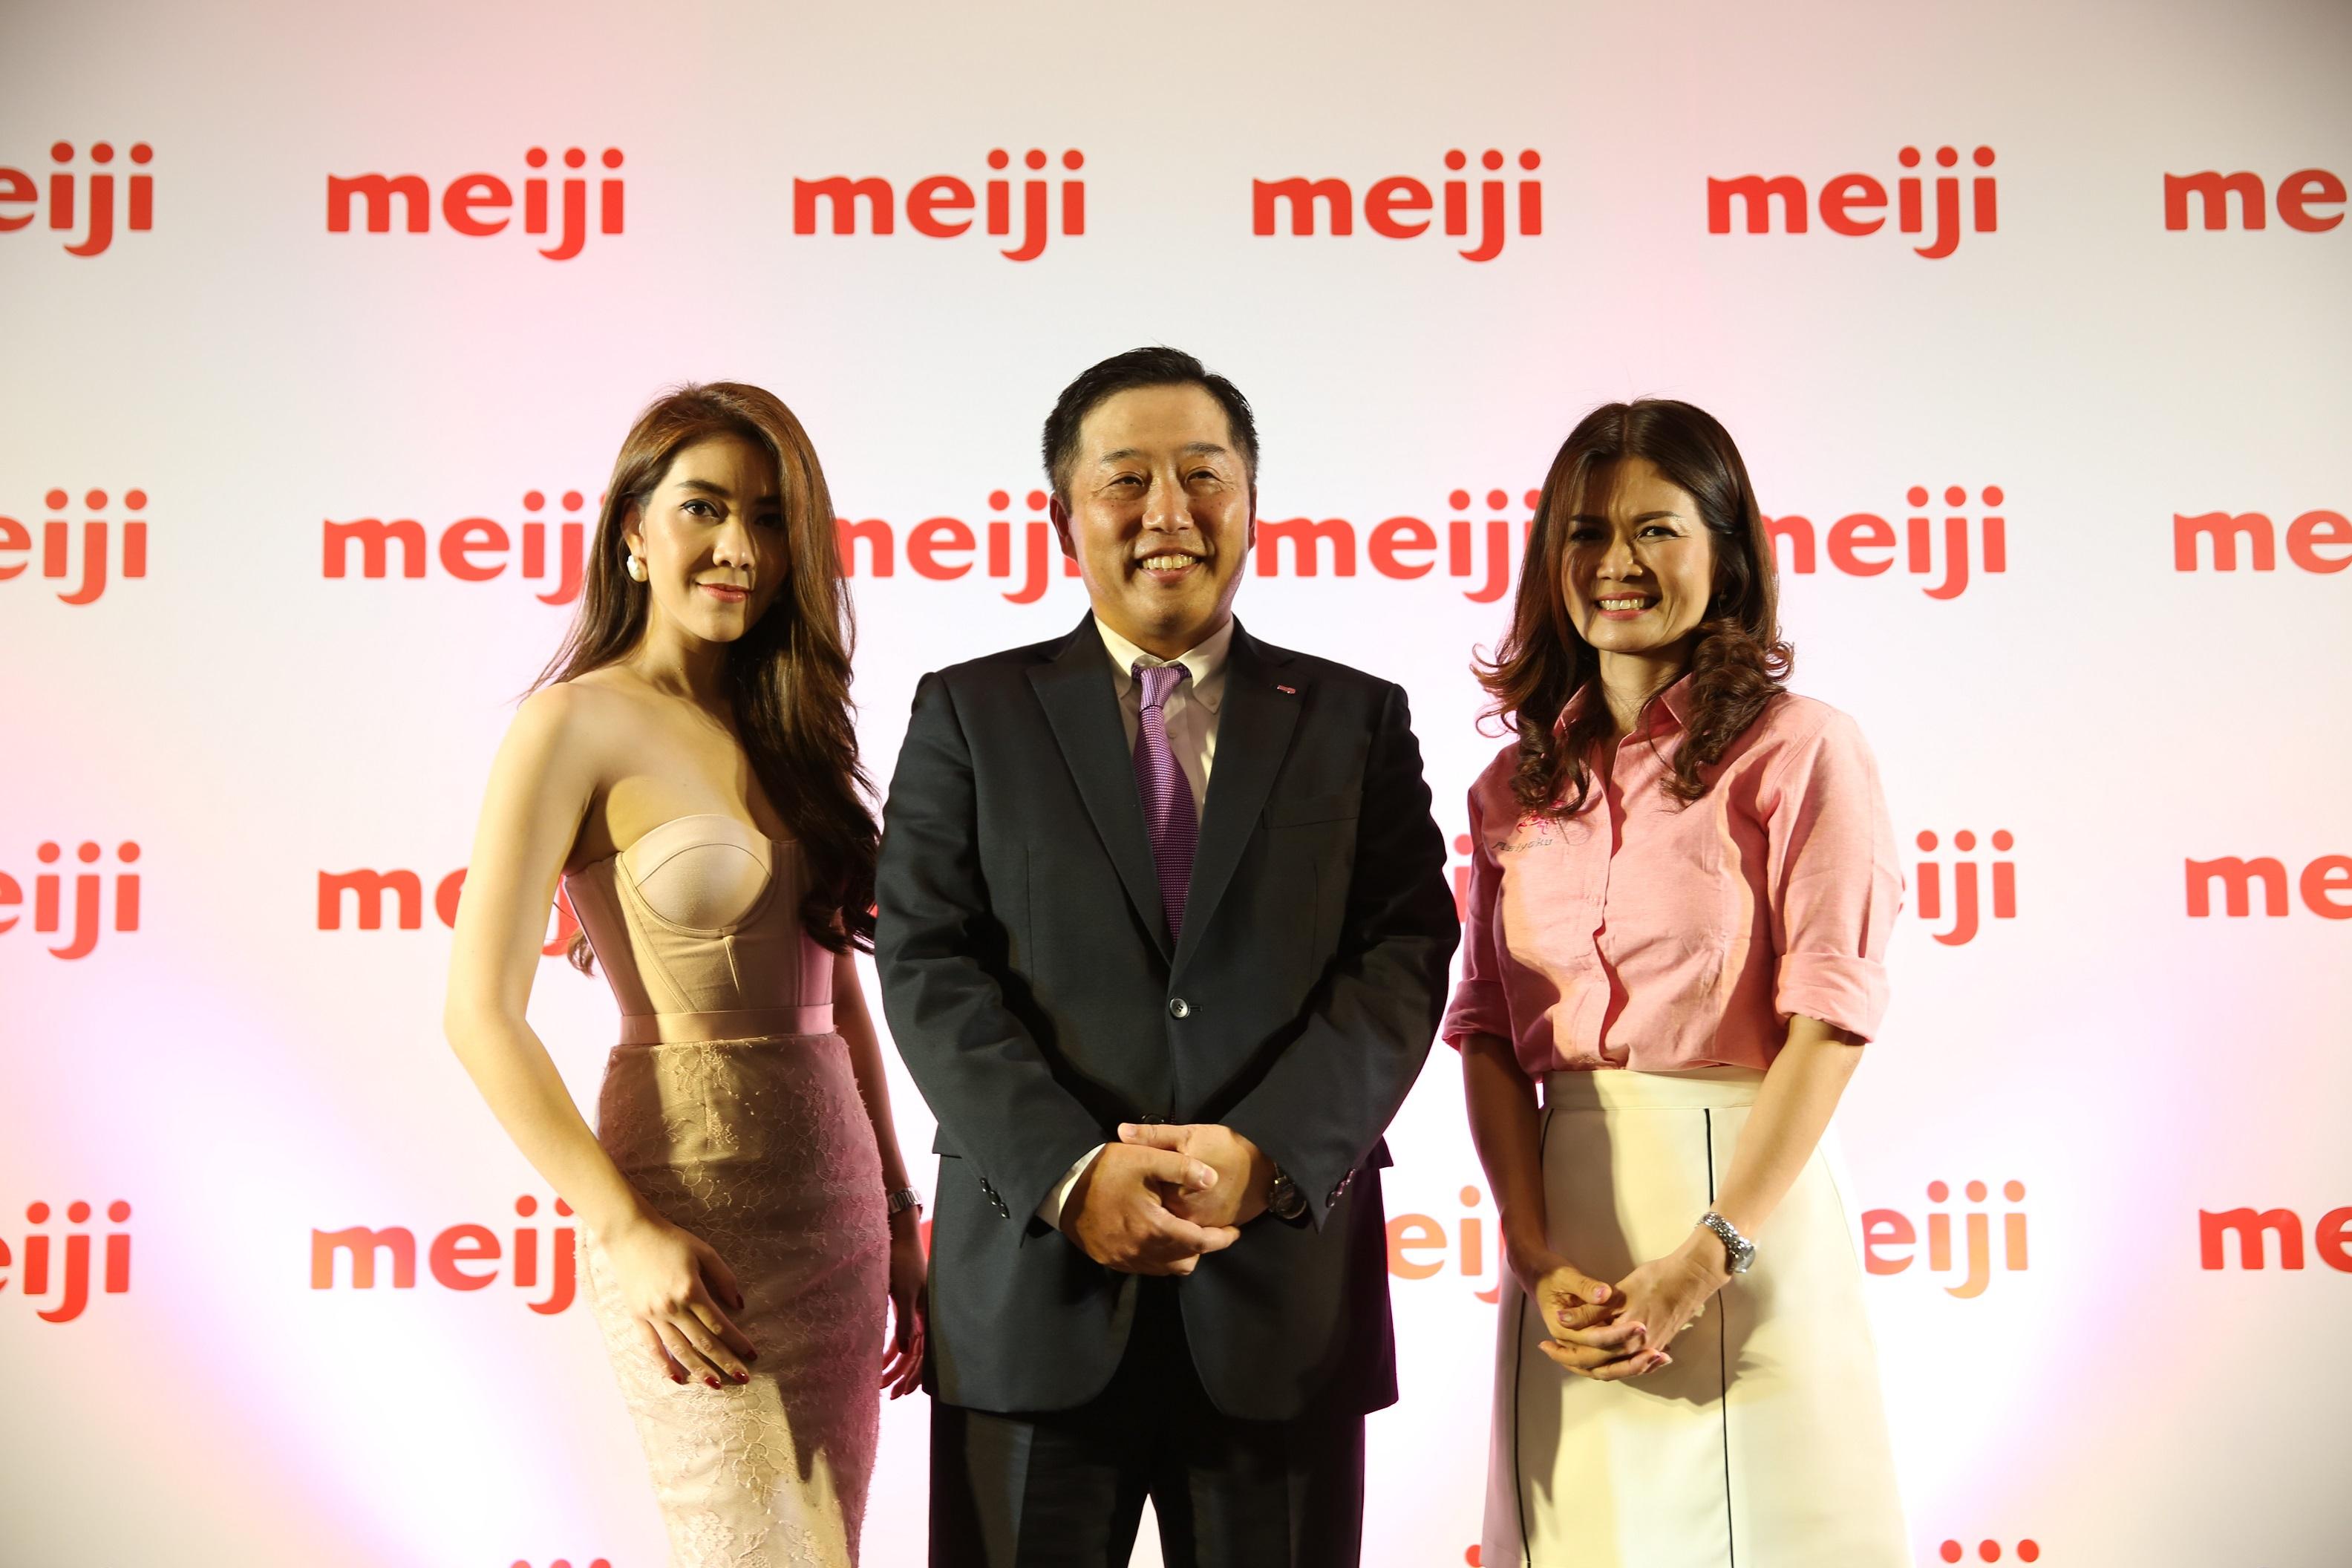 明治グループ、同社タイ初となるスキンケア化粧品の販売開始 | タイ・ASEANの今がわかるビジネス・経済情報誌ArayZ アレイズマガジン GDM(Thailand)